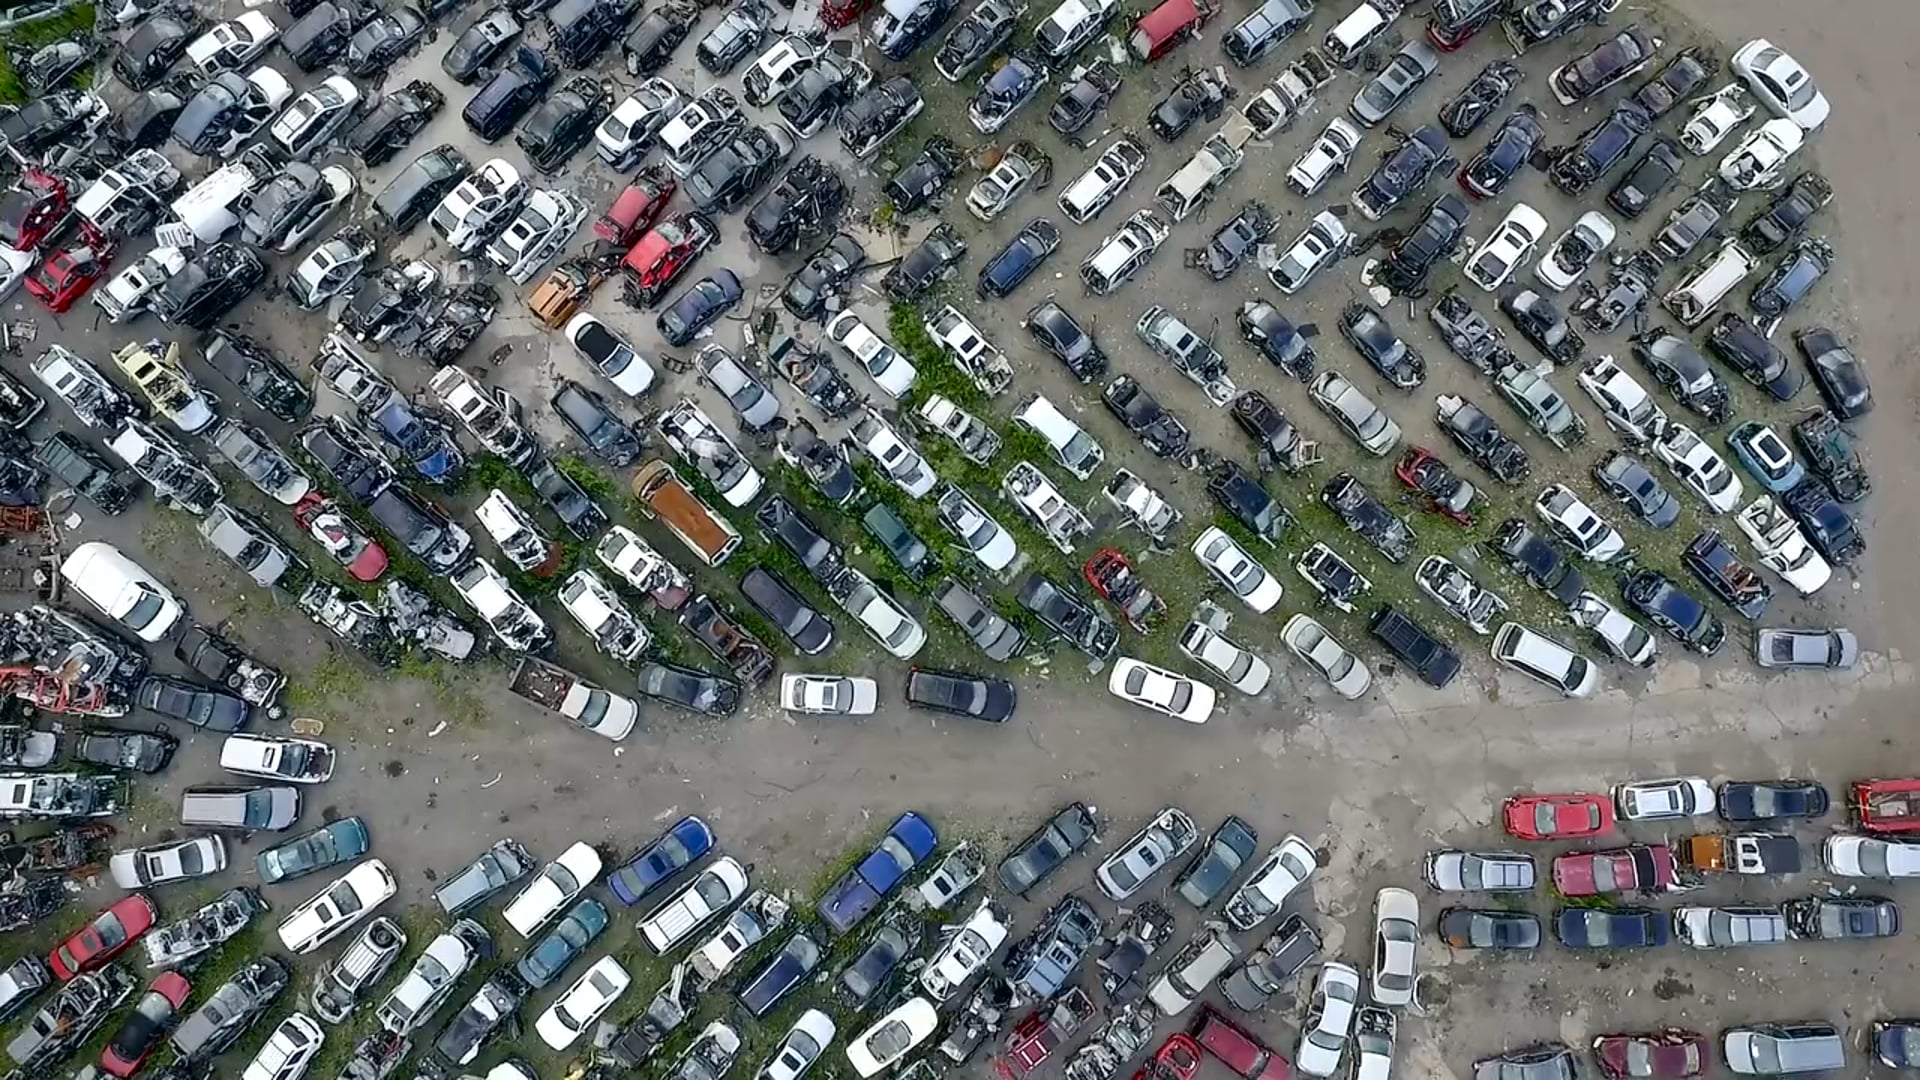 Junk Yard Drones